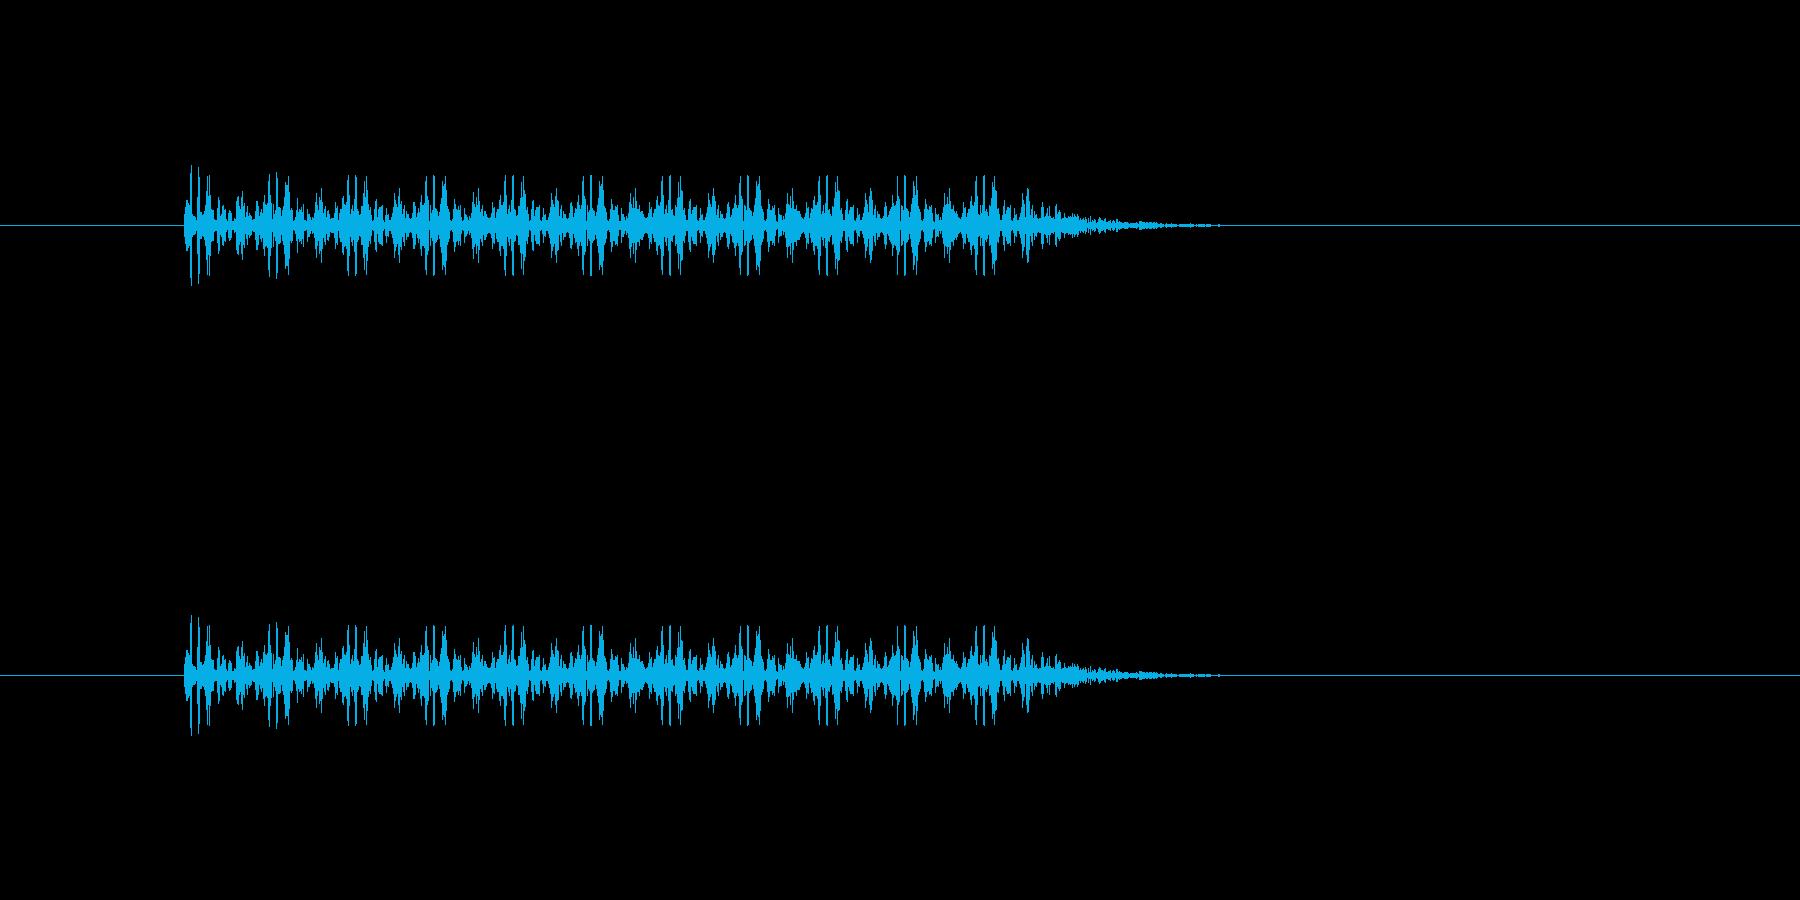 マシンガンなど連射系の銃声の再生済みの波形